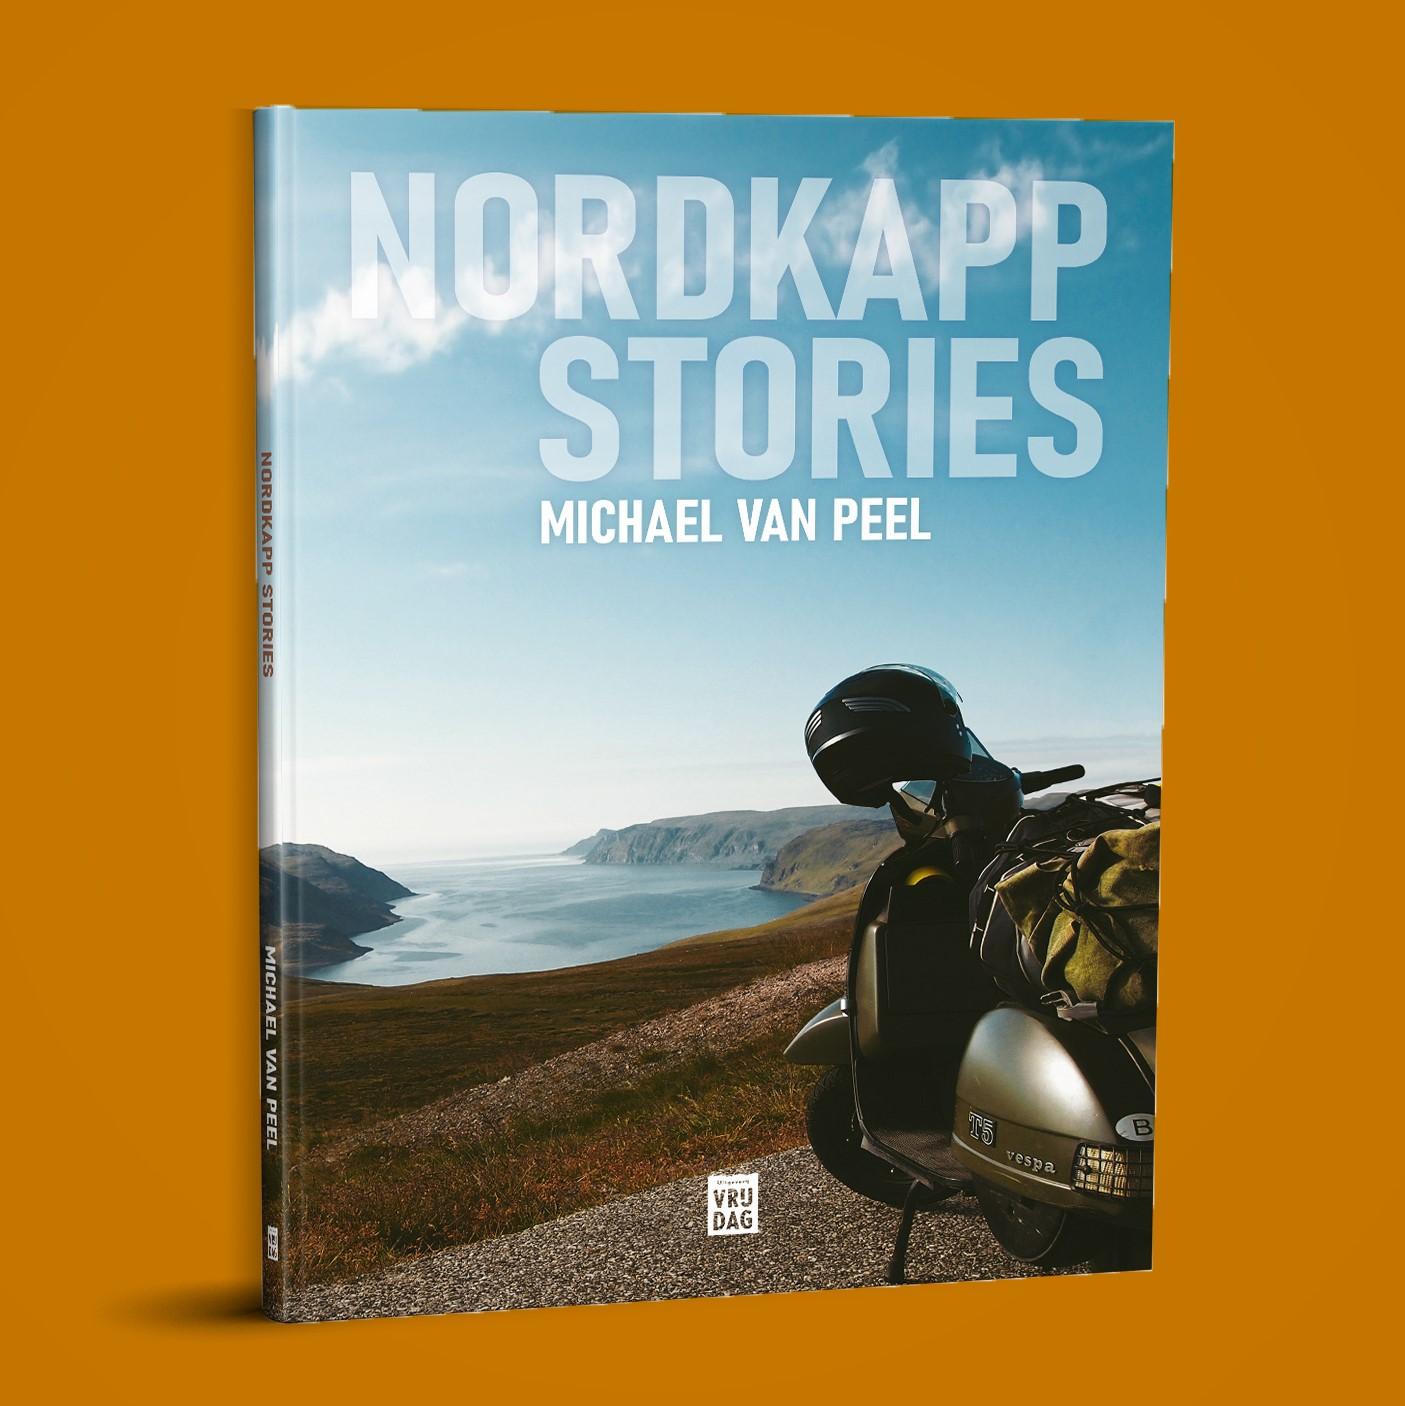 Omslag Nordkapp Stories - Michael Van Peel - Uitgeverij Vrijdag